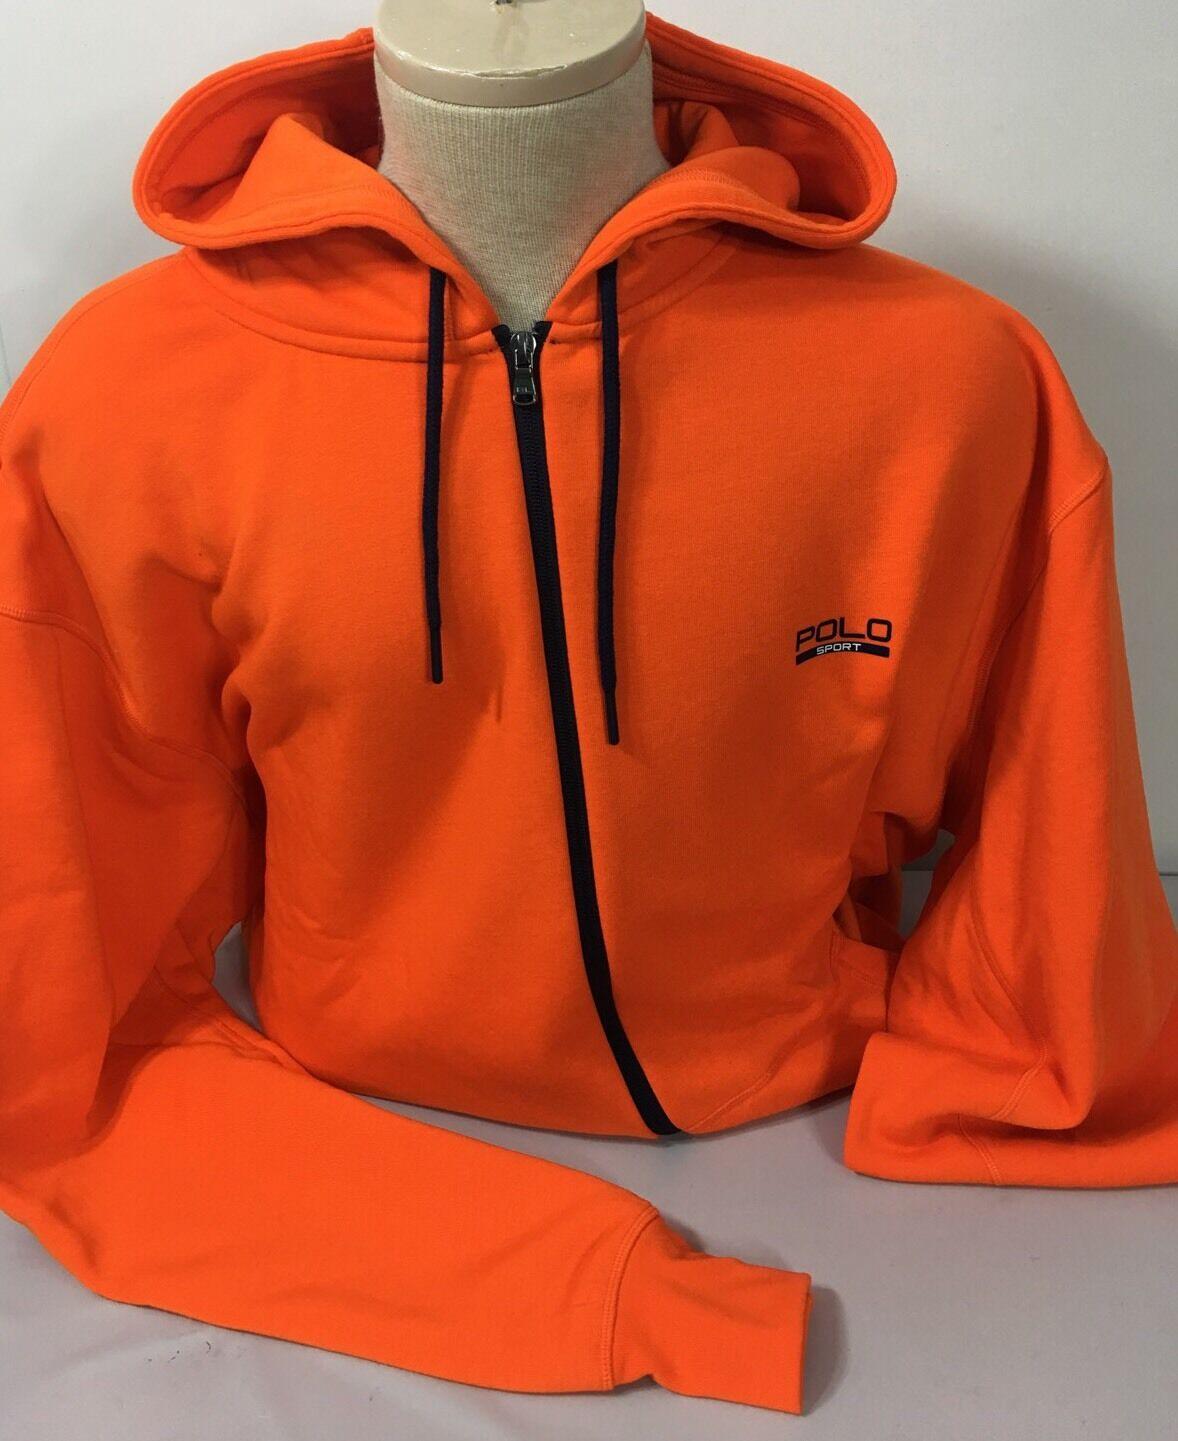 Polo Ralph Lauren Sport Full Zip Hoodie  Herren 1XB Big 1X Orange Blau